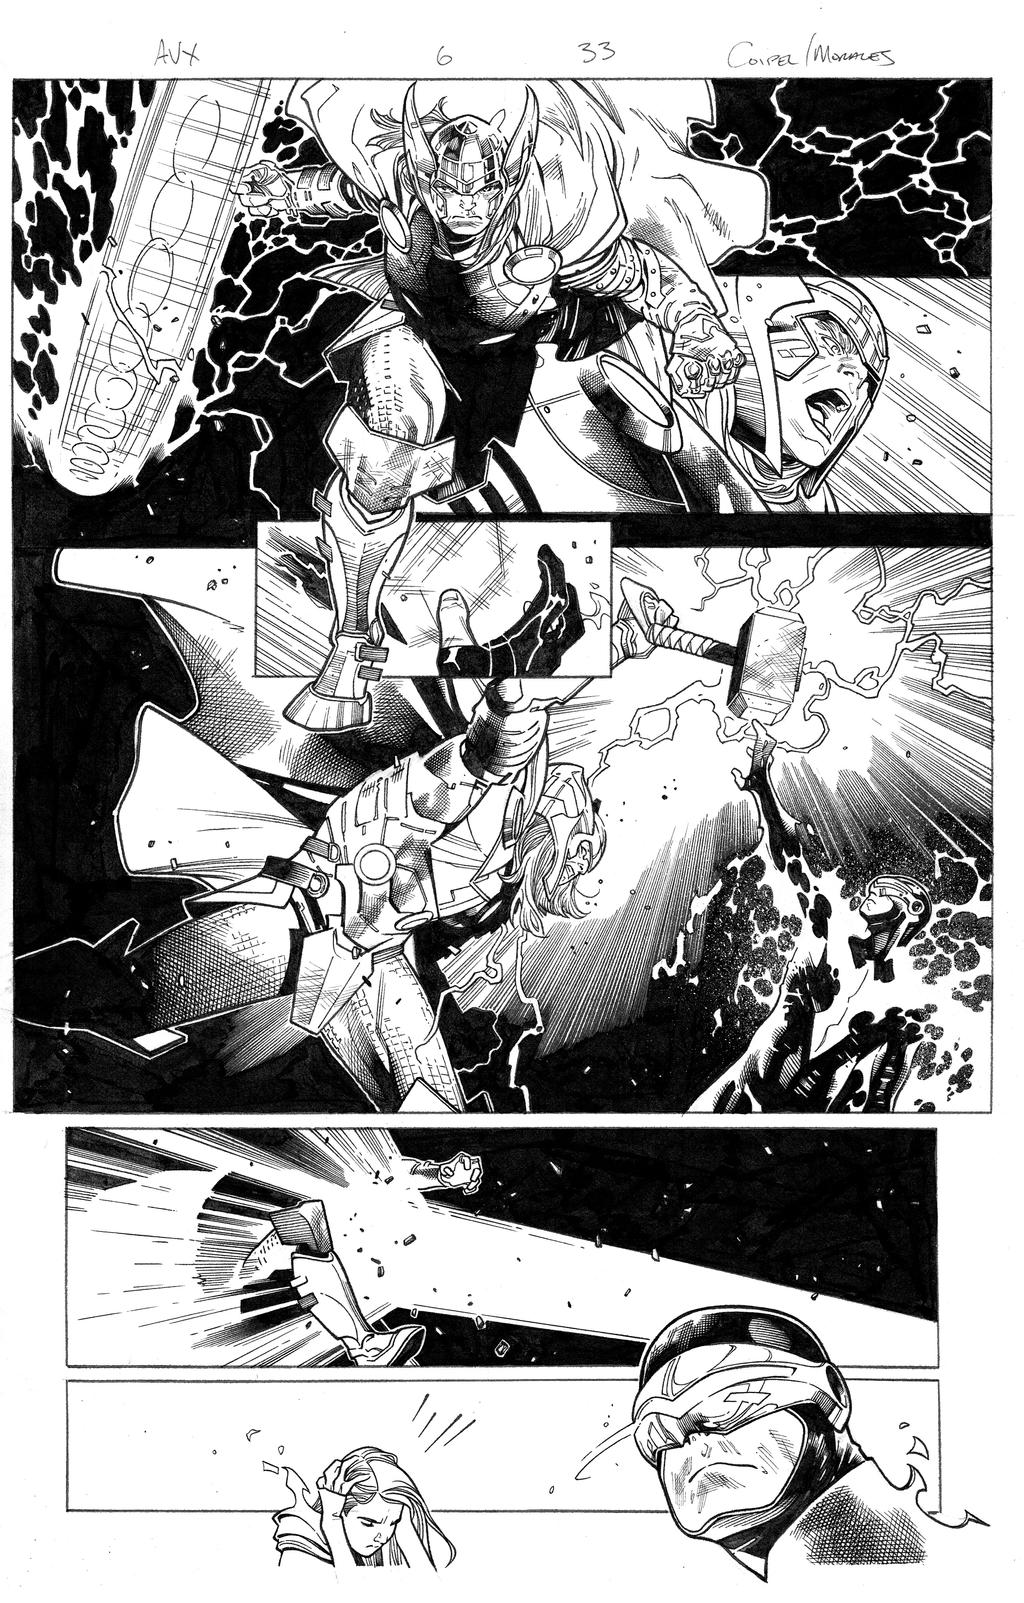 avengers vs x-men 6 pg 33 by MarkMorales